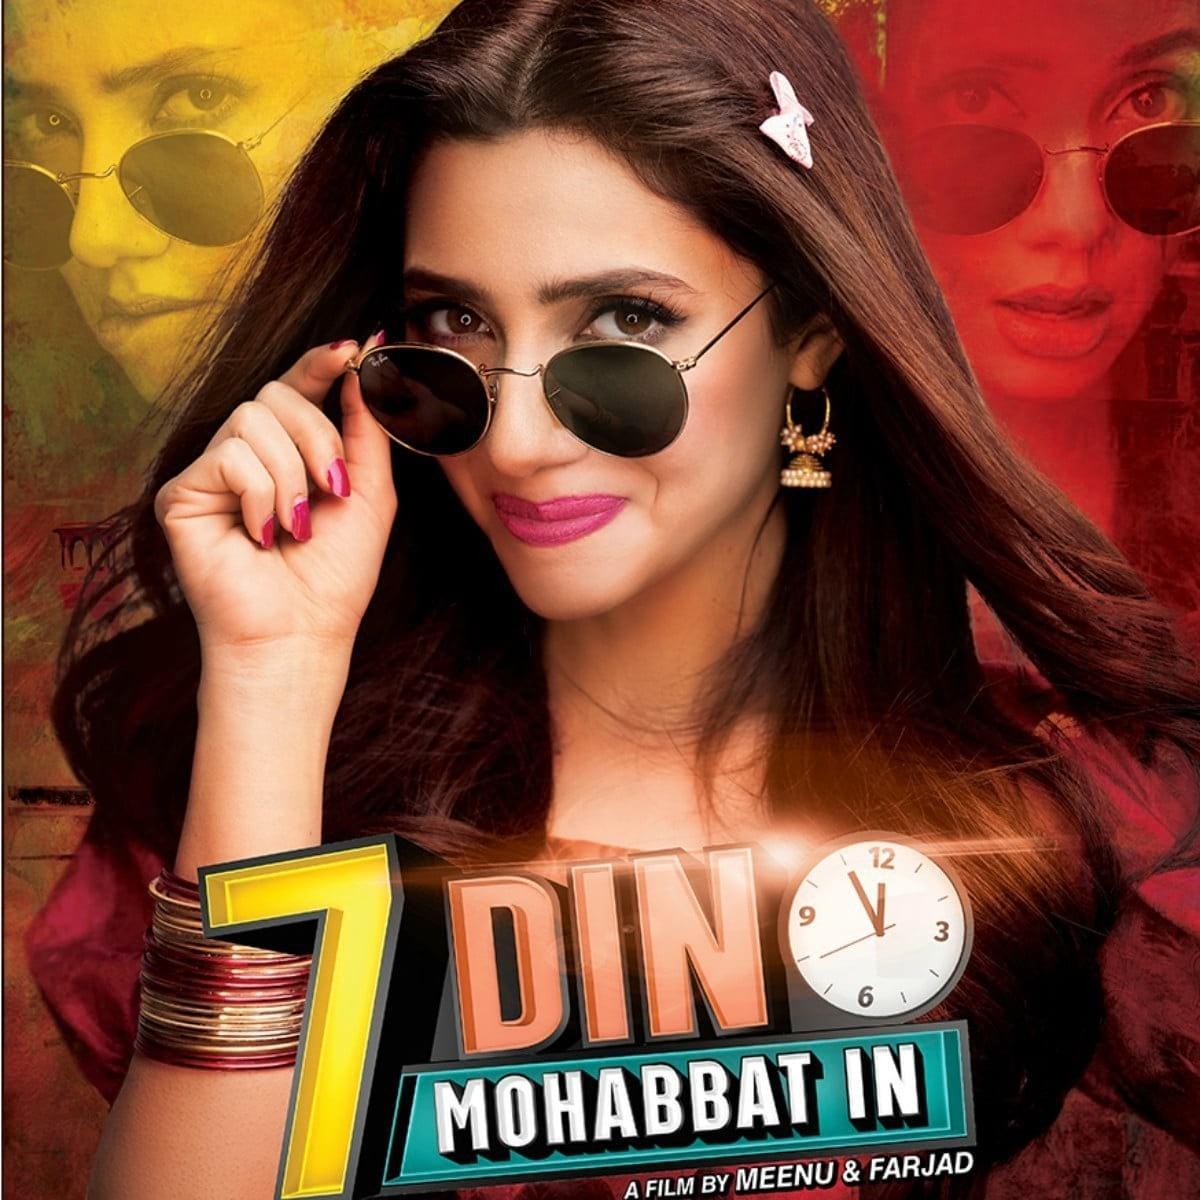 #15 7 Din Mohabbat In